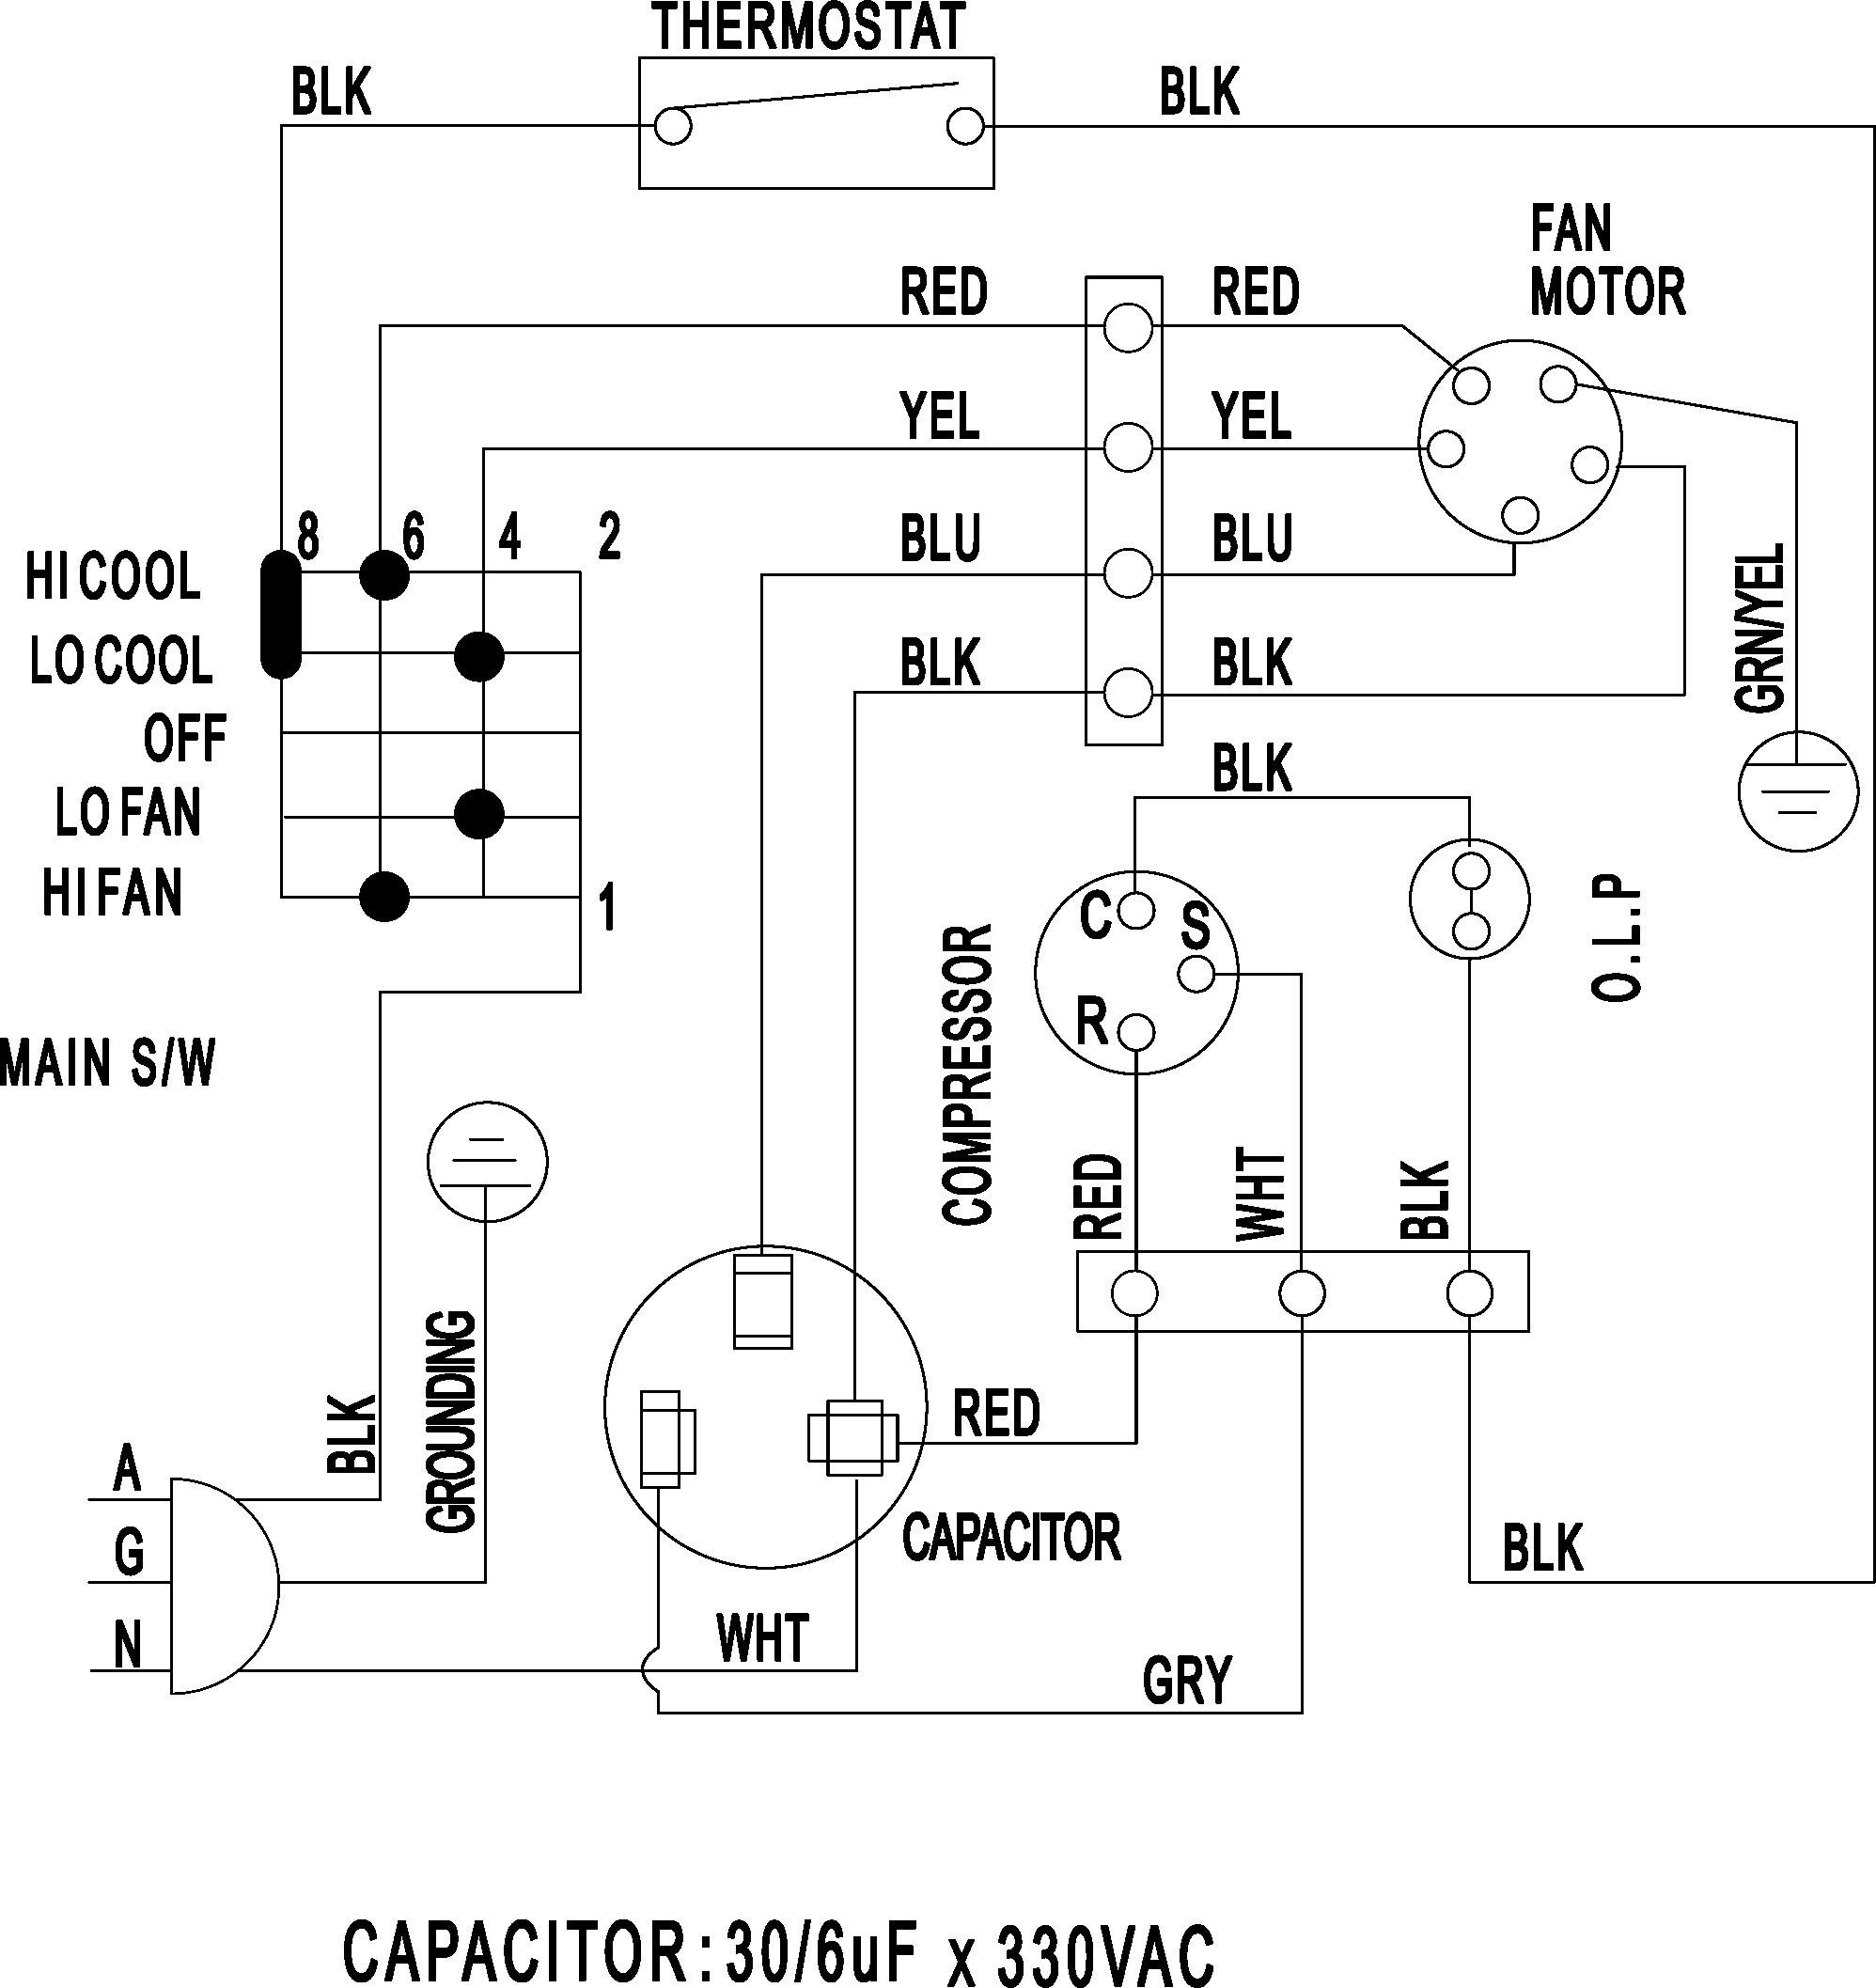 York Motor Wiring Diagram - Wiring Diagram Data Oreo - Carrier Wiring Diagram